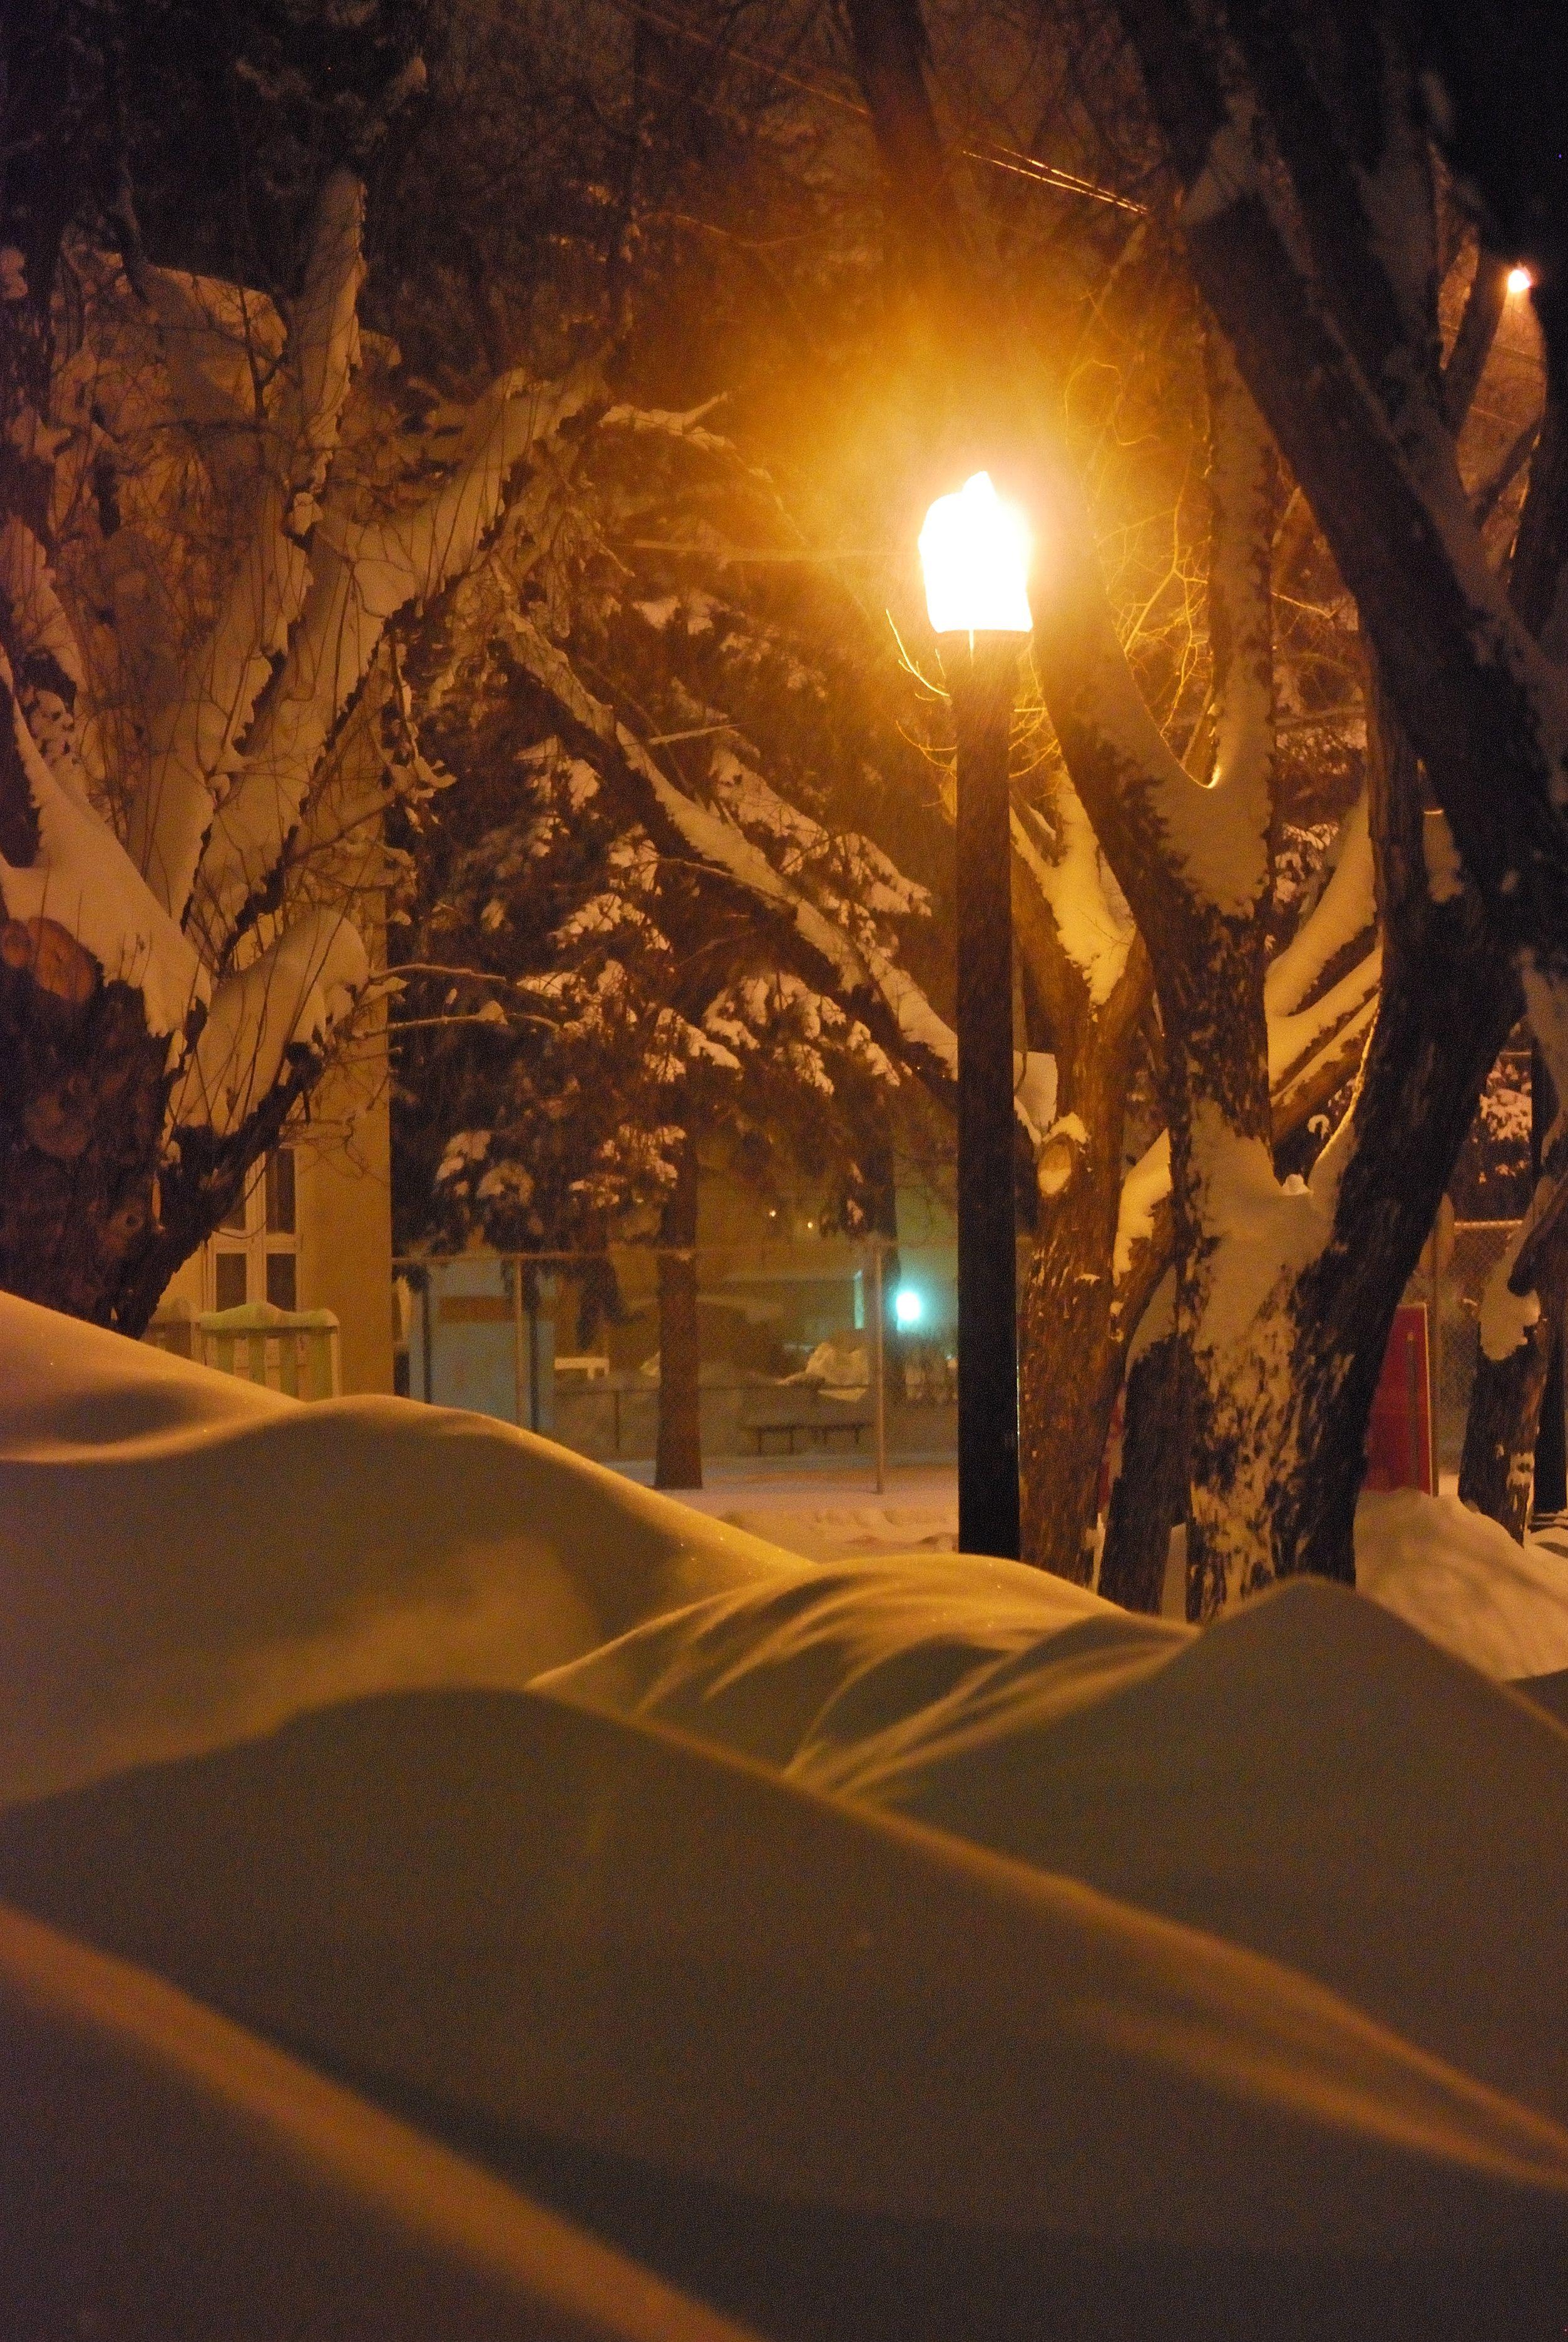 Color in a Cold Dark City | ❇ ❈ ❄ Let It Snow ❆ Let It Snow ...